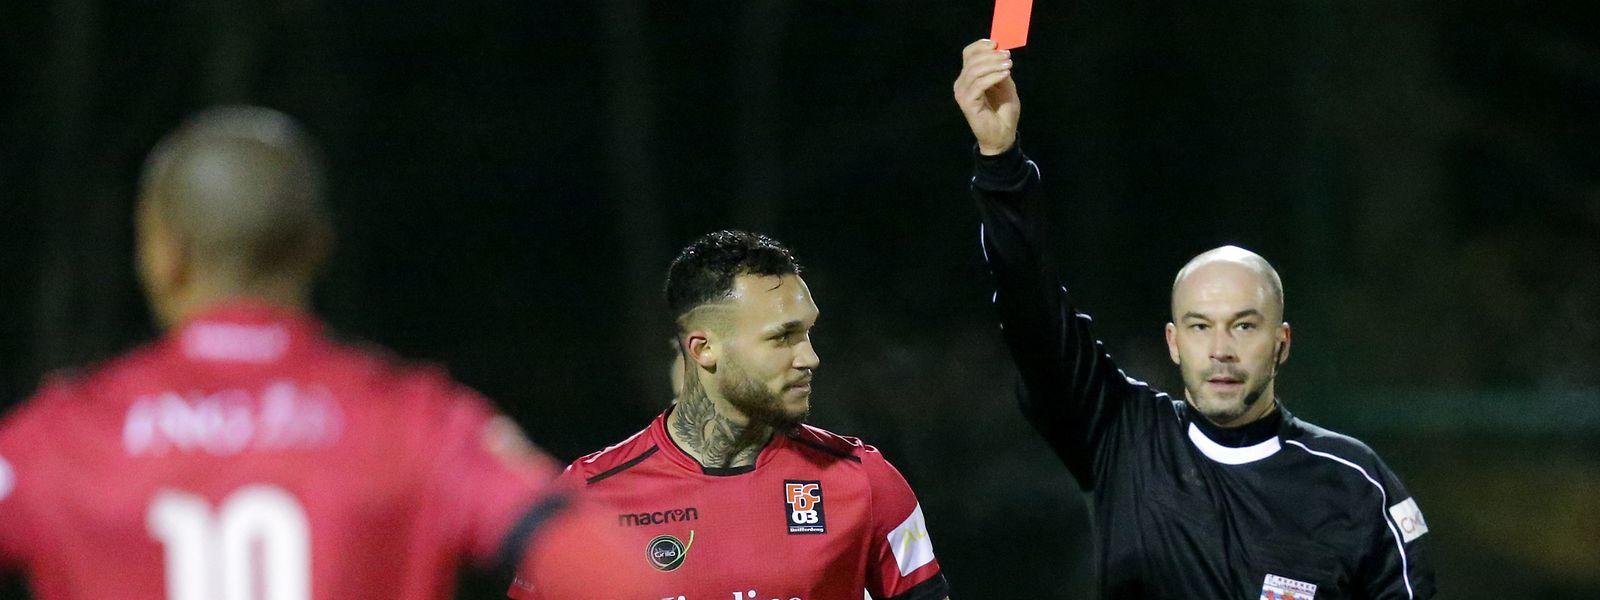 Sergio Rodrigues zeigt in dieser Szene im Dezember 2017 dem damaligen Differdinger Dwayn Holter die Rote Karte.